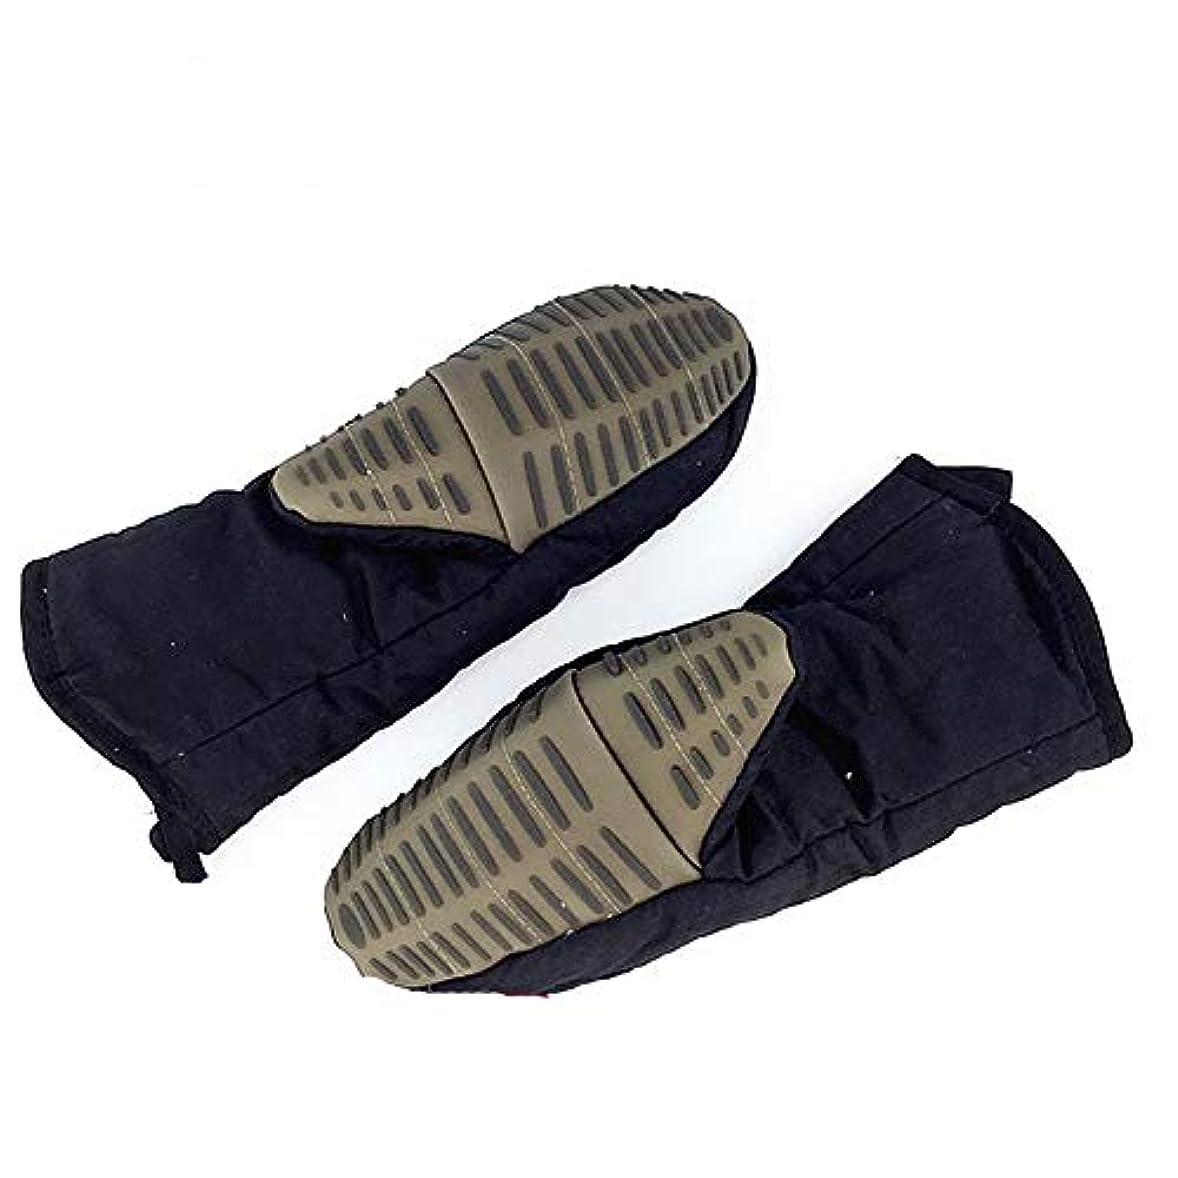 業界ミリメートルクロールBAJIMI 手袋 実用断熱手袋シリコーン高温耐性300度オーブン電子レンジやけ防止耐熱手袋